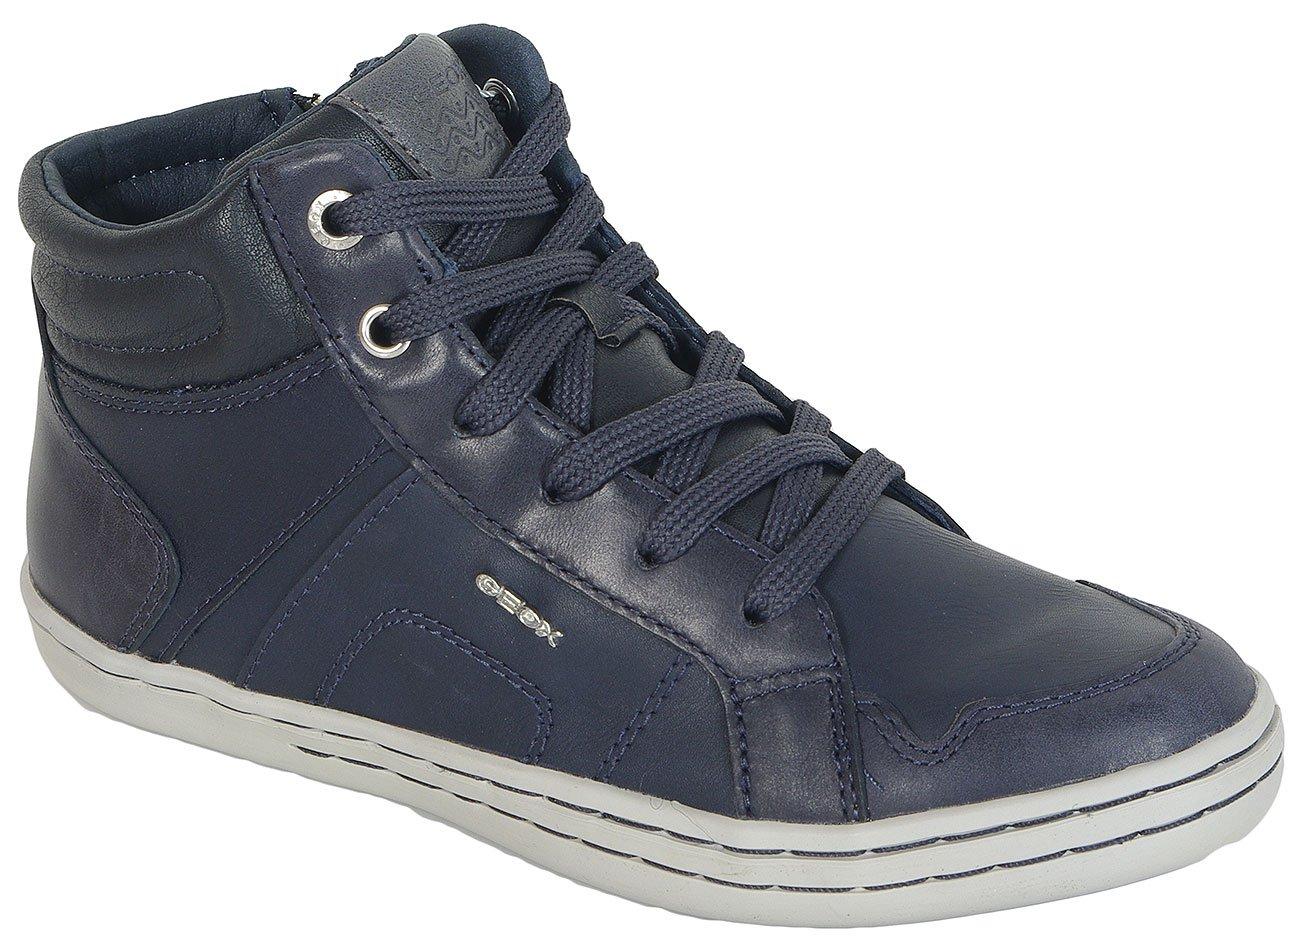 GEOX Garcia C Syn.Le+Wax.Lea-Navy sneakers